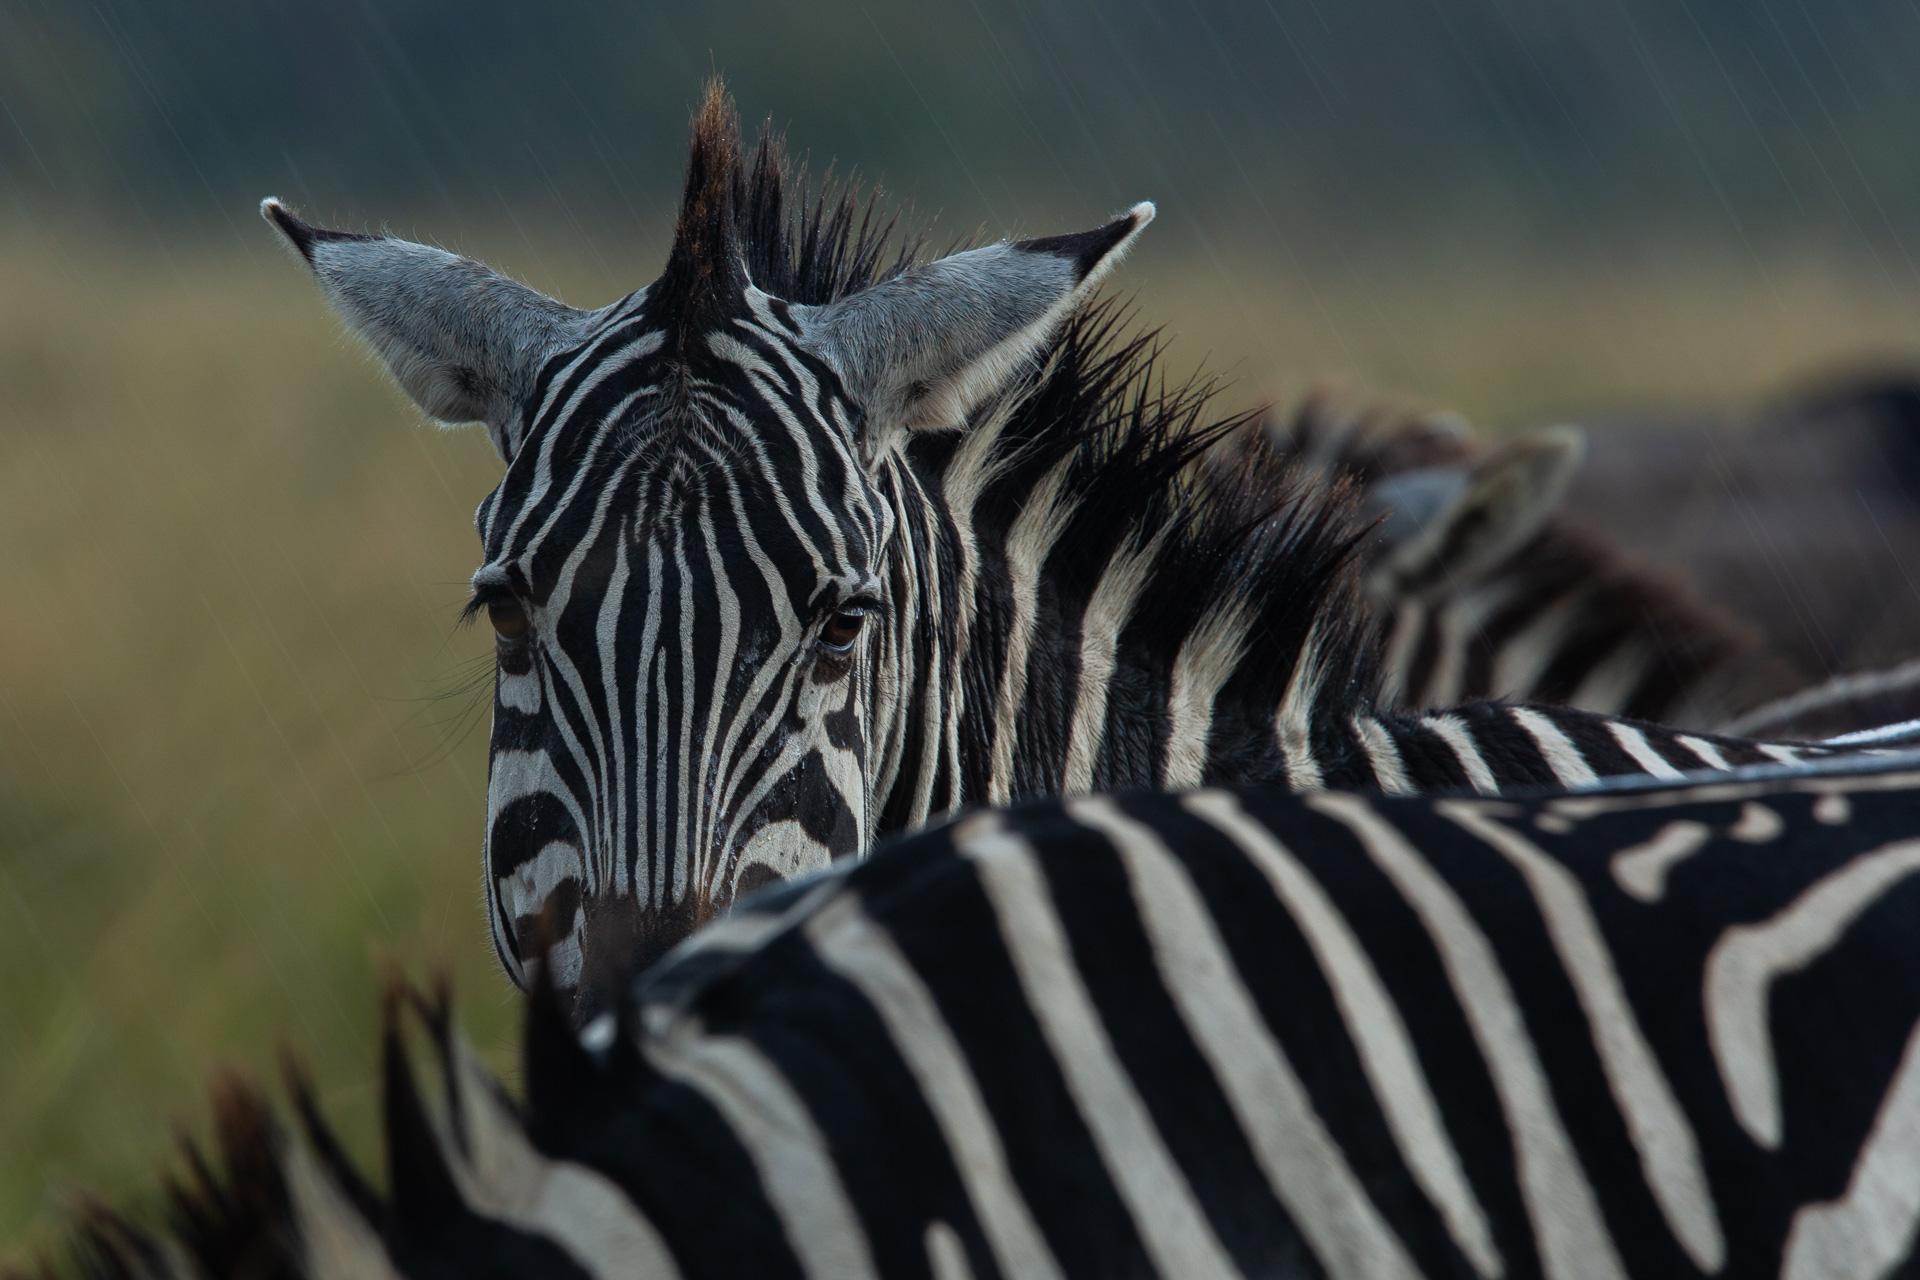 zebras in the rain